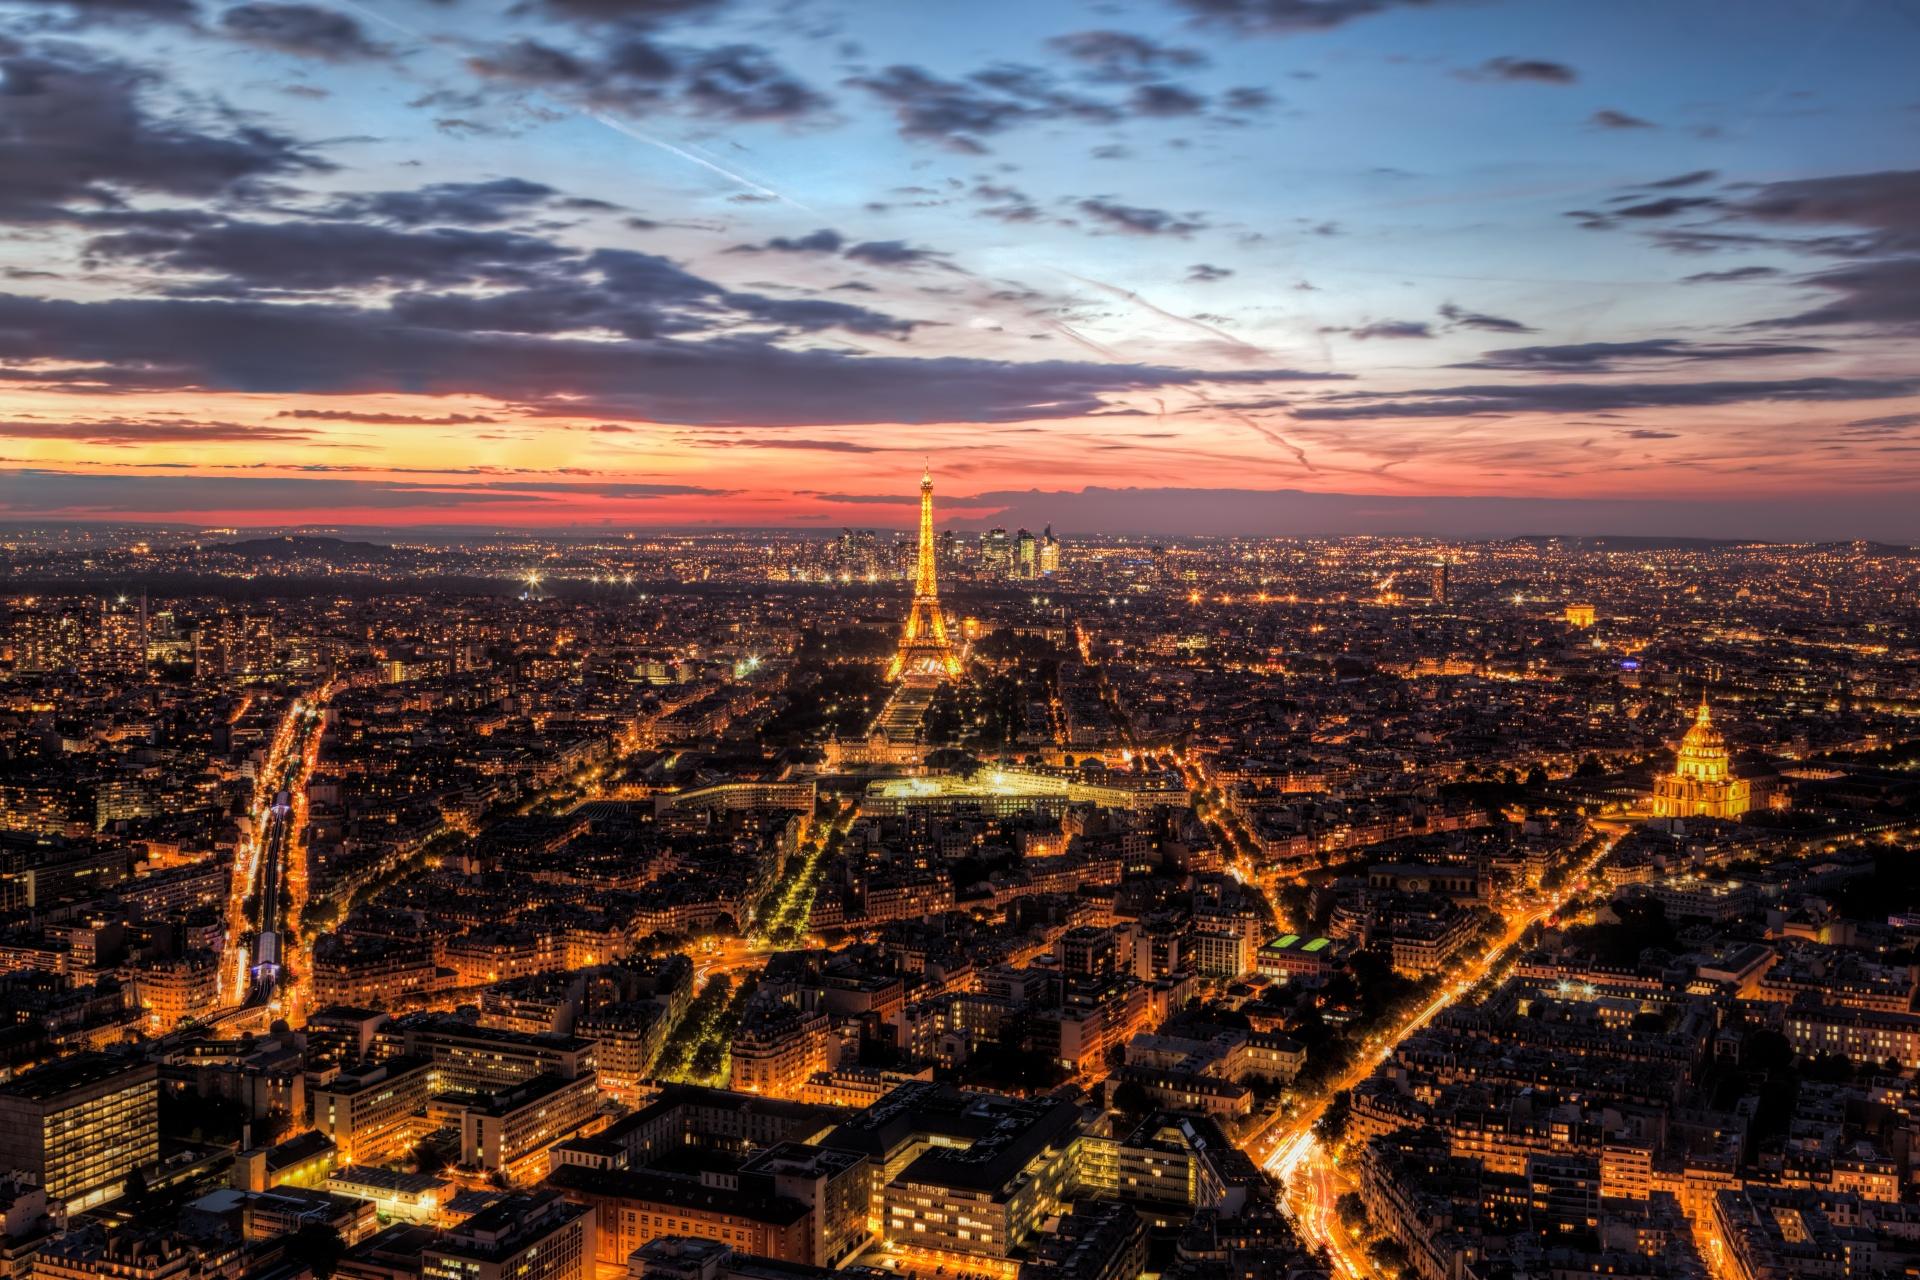 パリの夕暮れ エッフェル塔とシャン・ド・マルス公園 フランスの風景